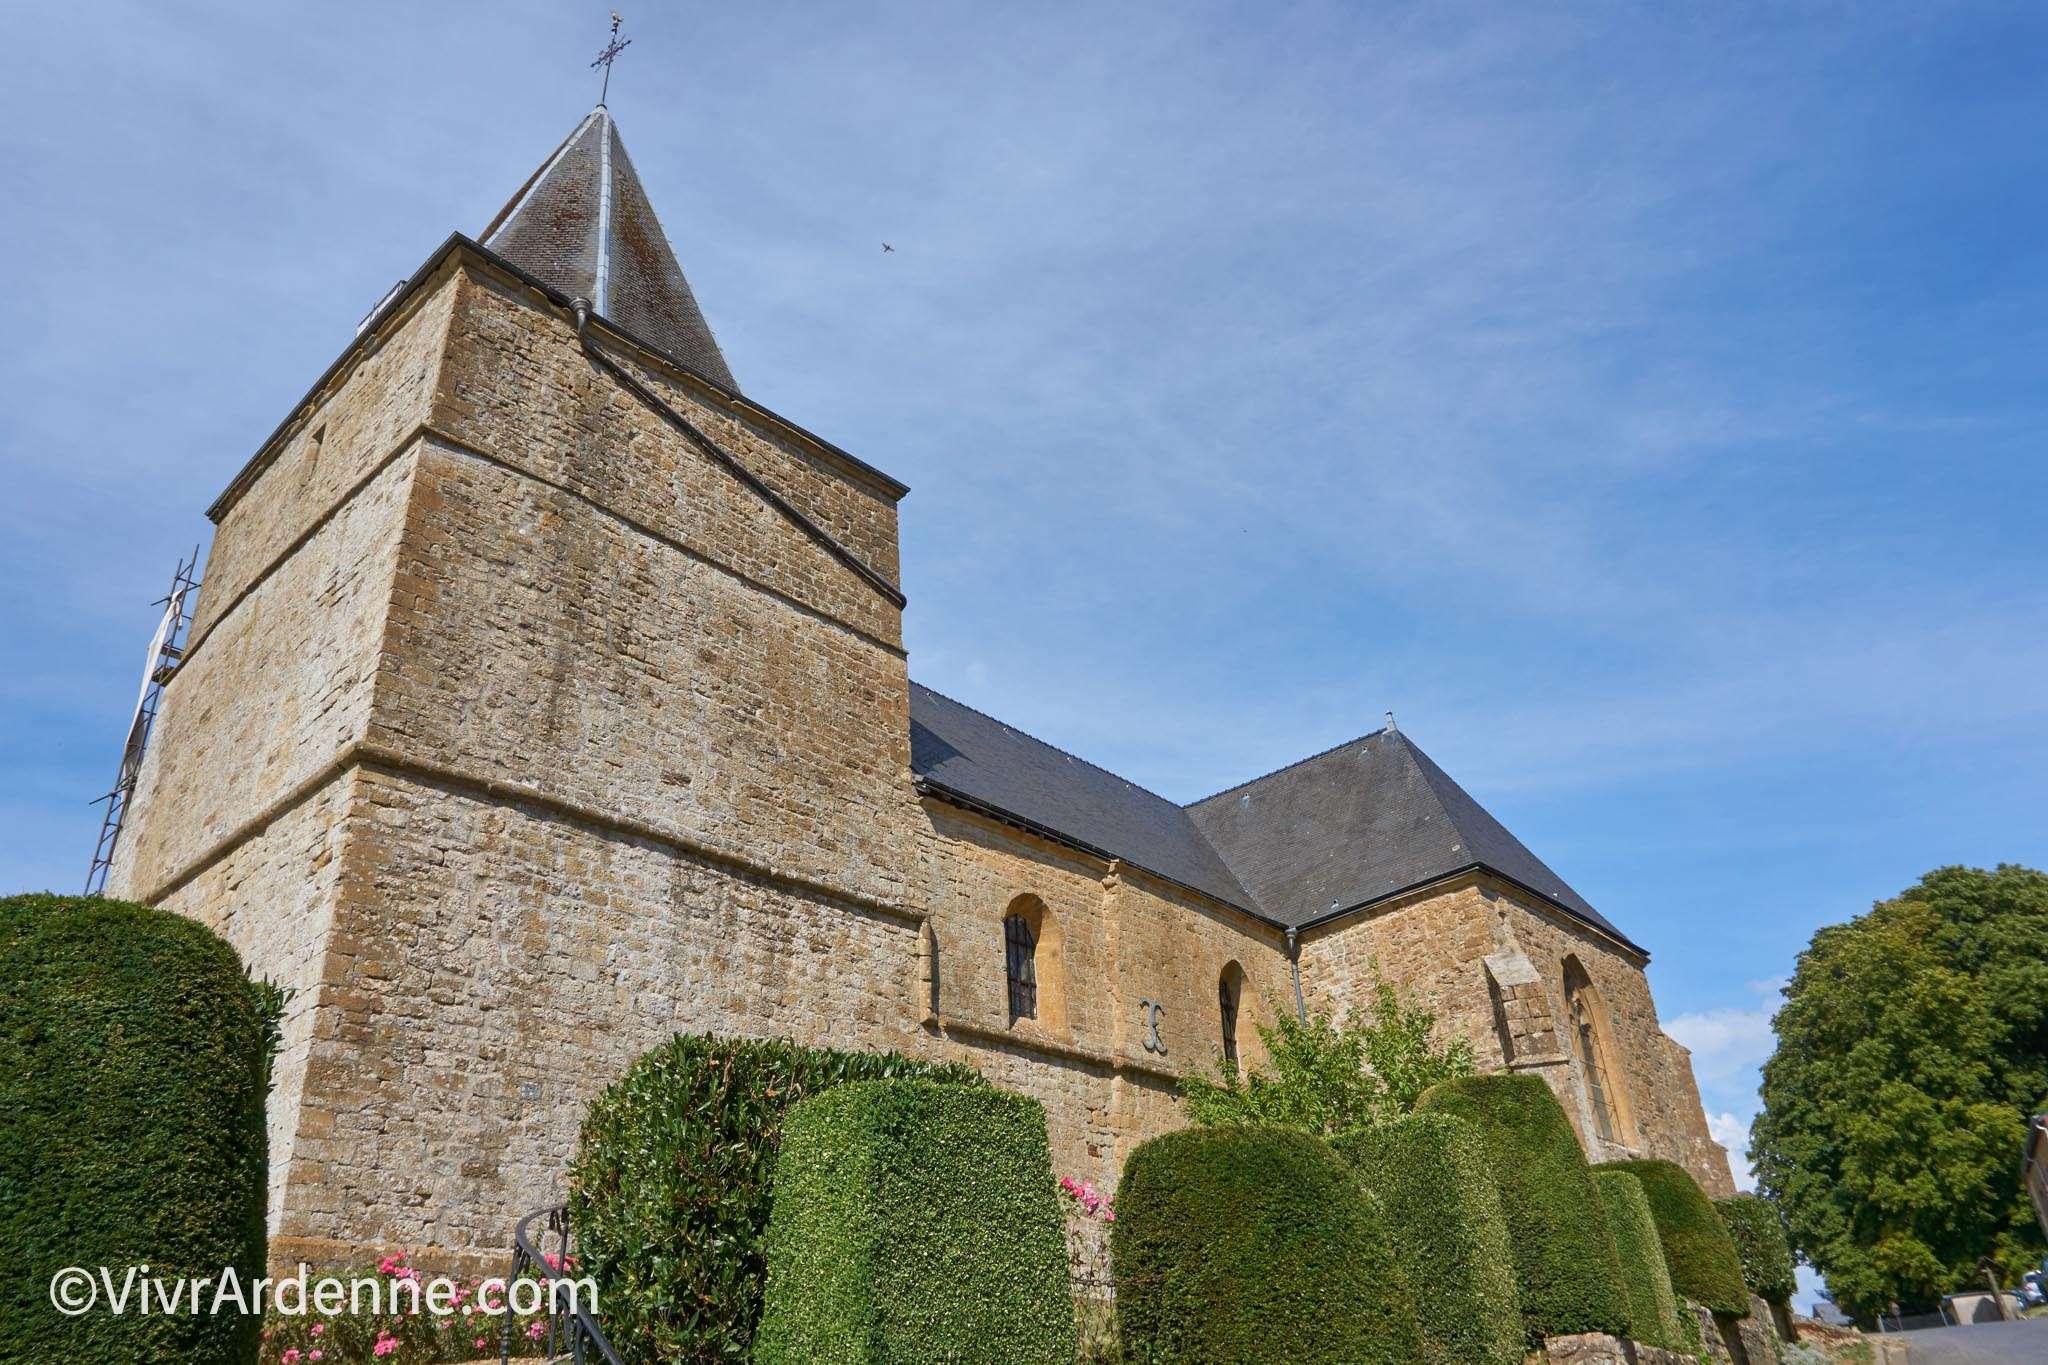 VivrArdenne - Eglises fortifiées de Thiérache